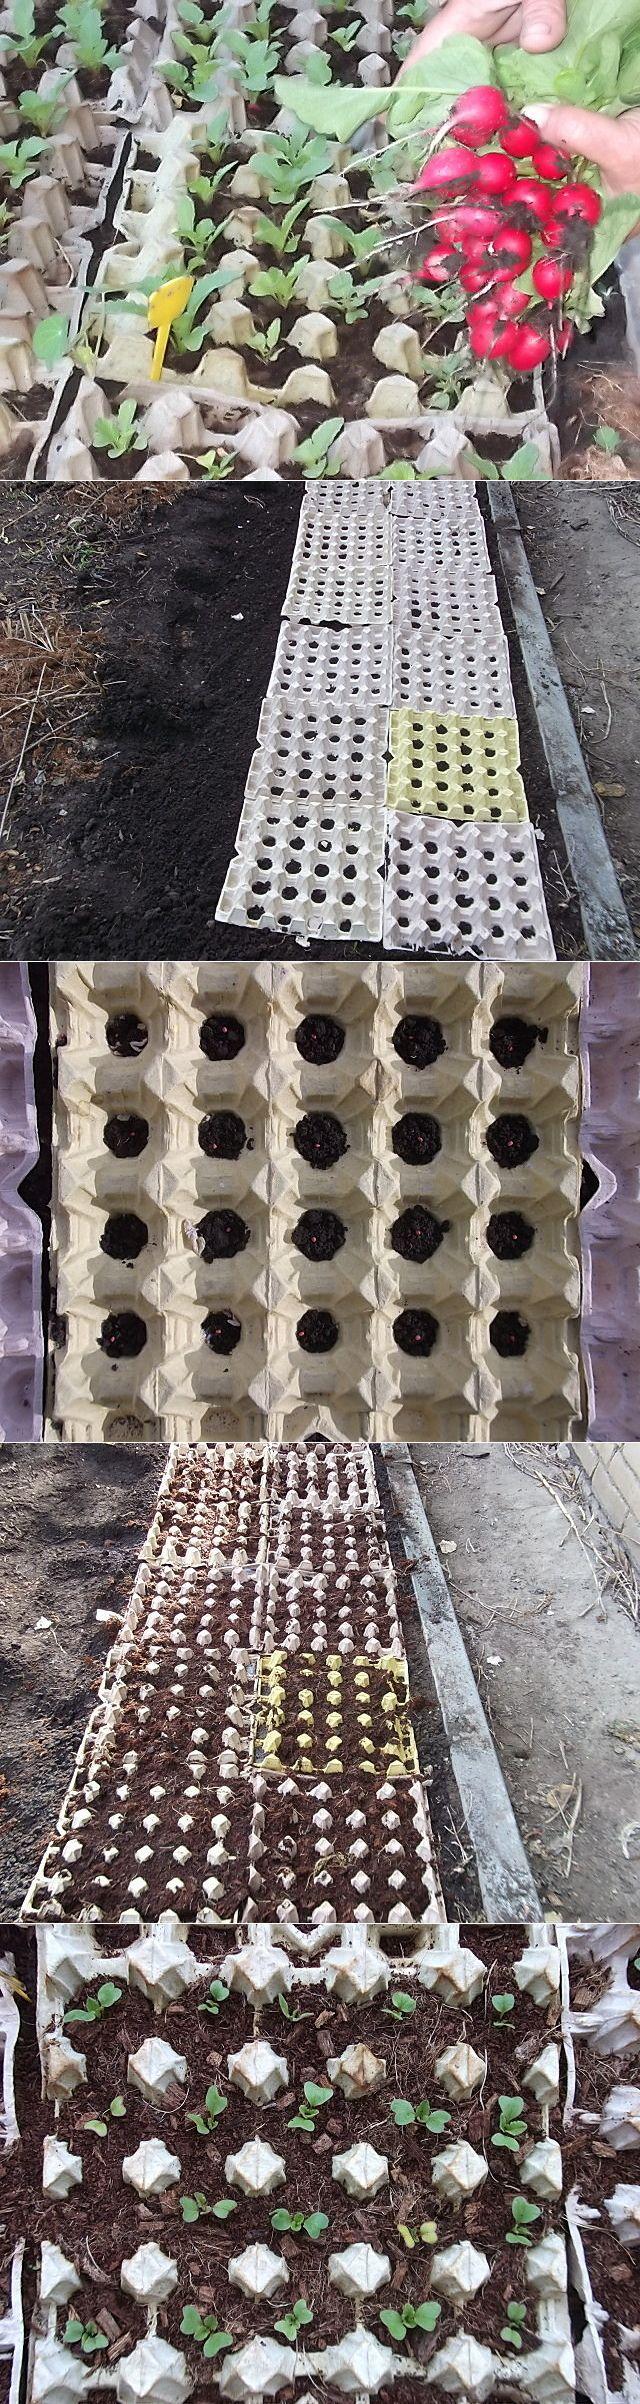 Вдавить кассеты с проделанными отверстиями в почву, заложить семена, присыпать, полить. Далее только полив, без прополки и мульчирования